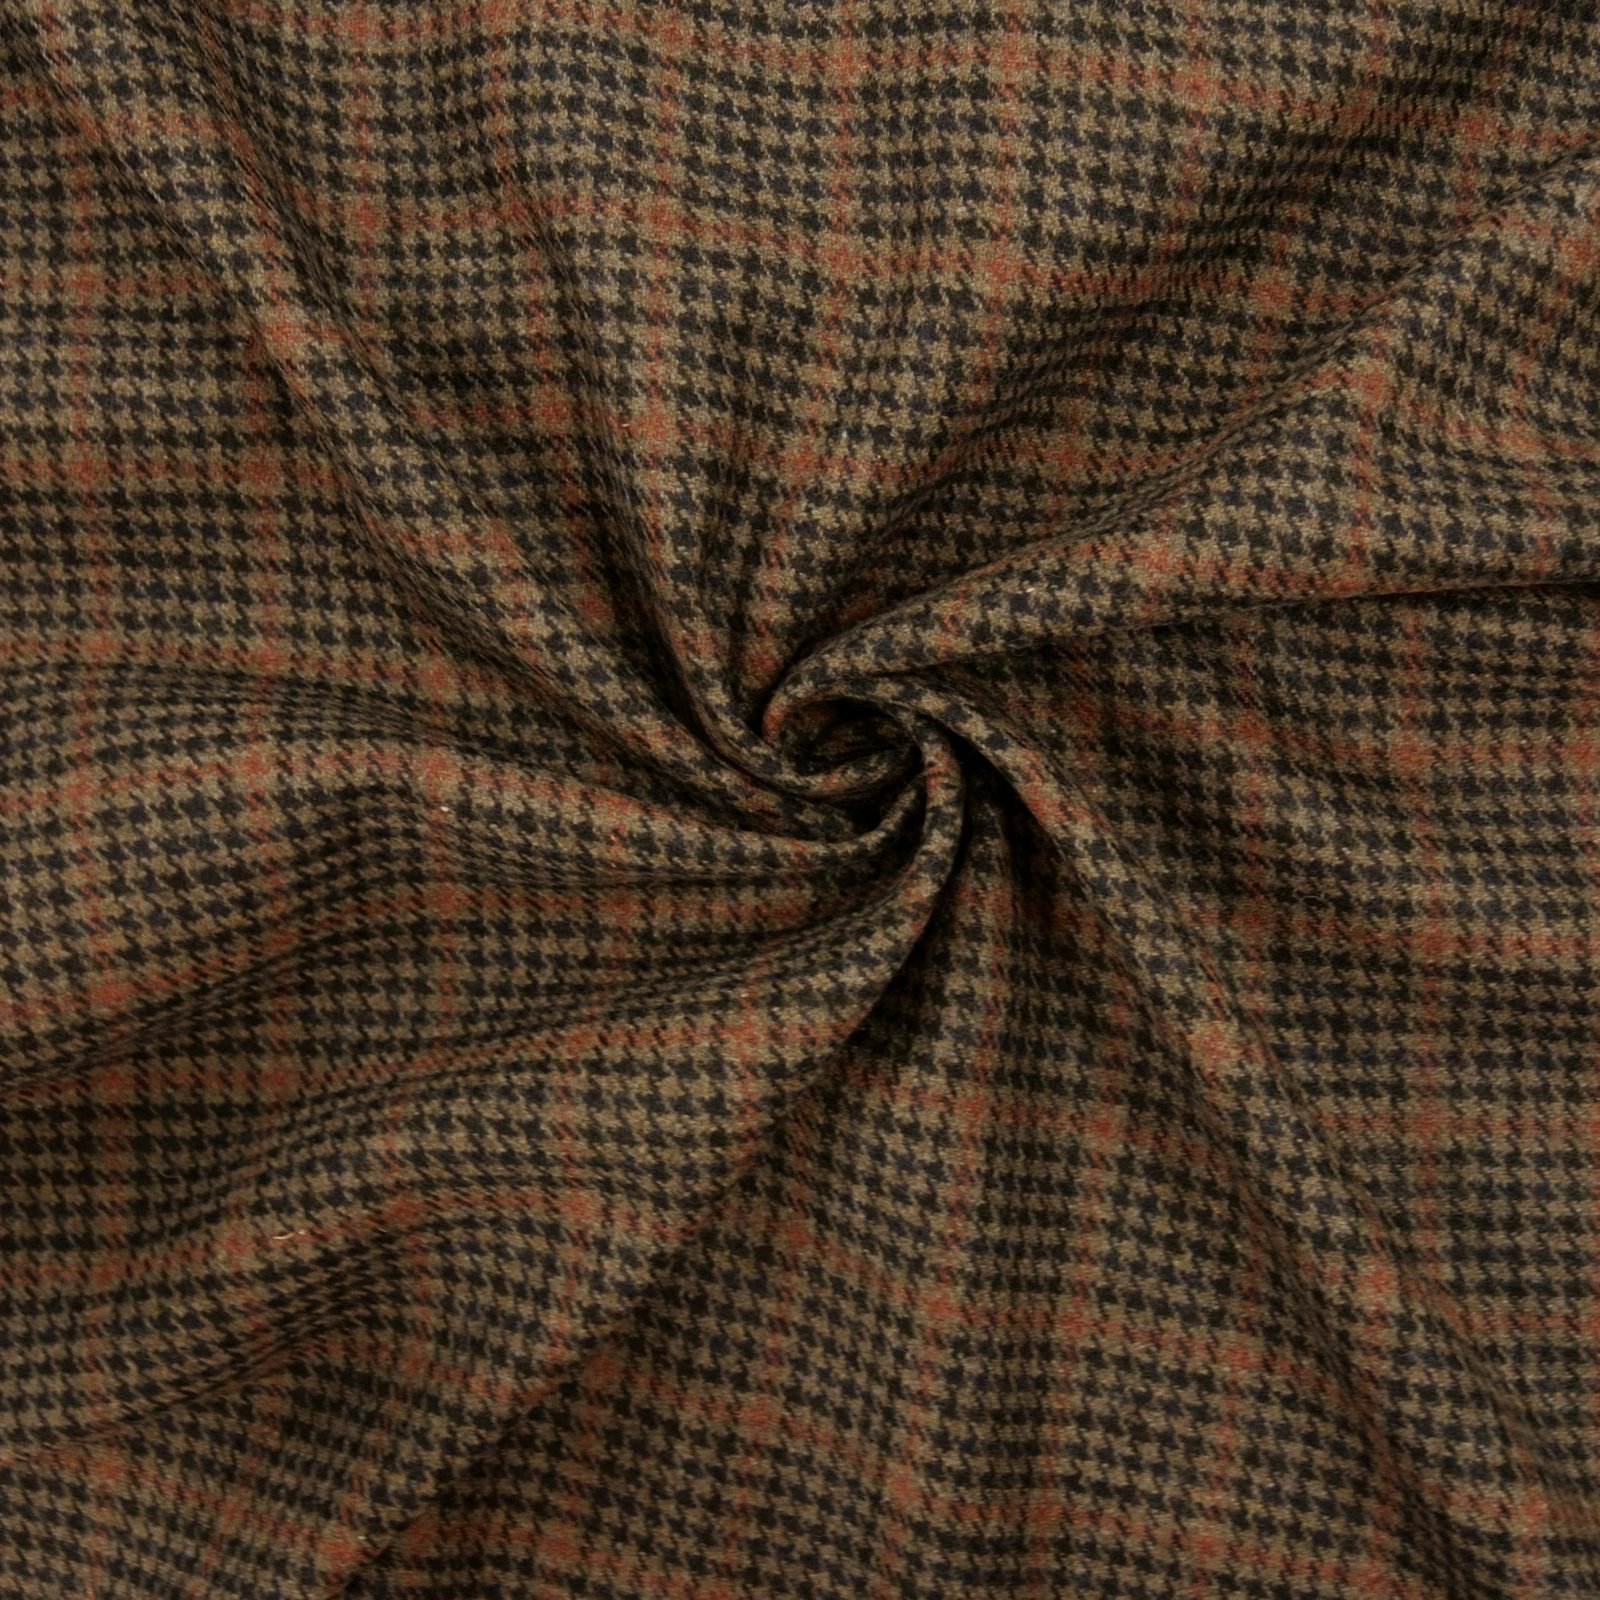 Wool Plaid black tan rust